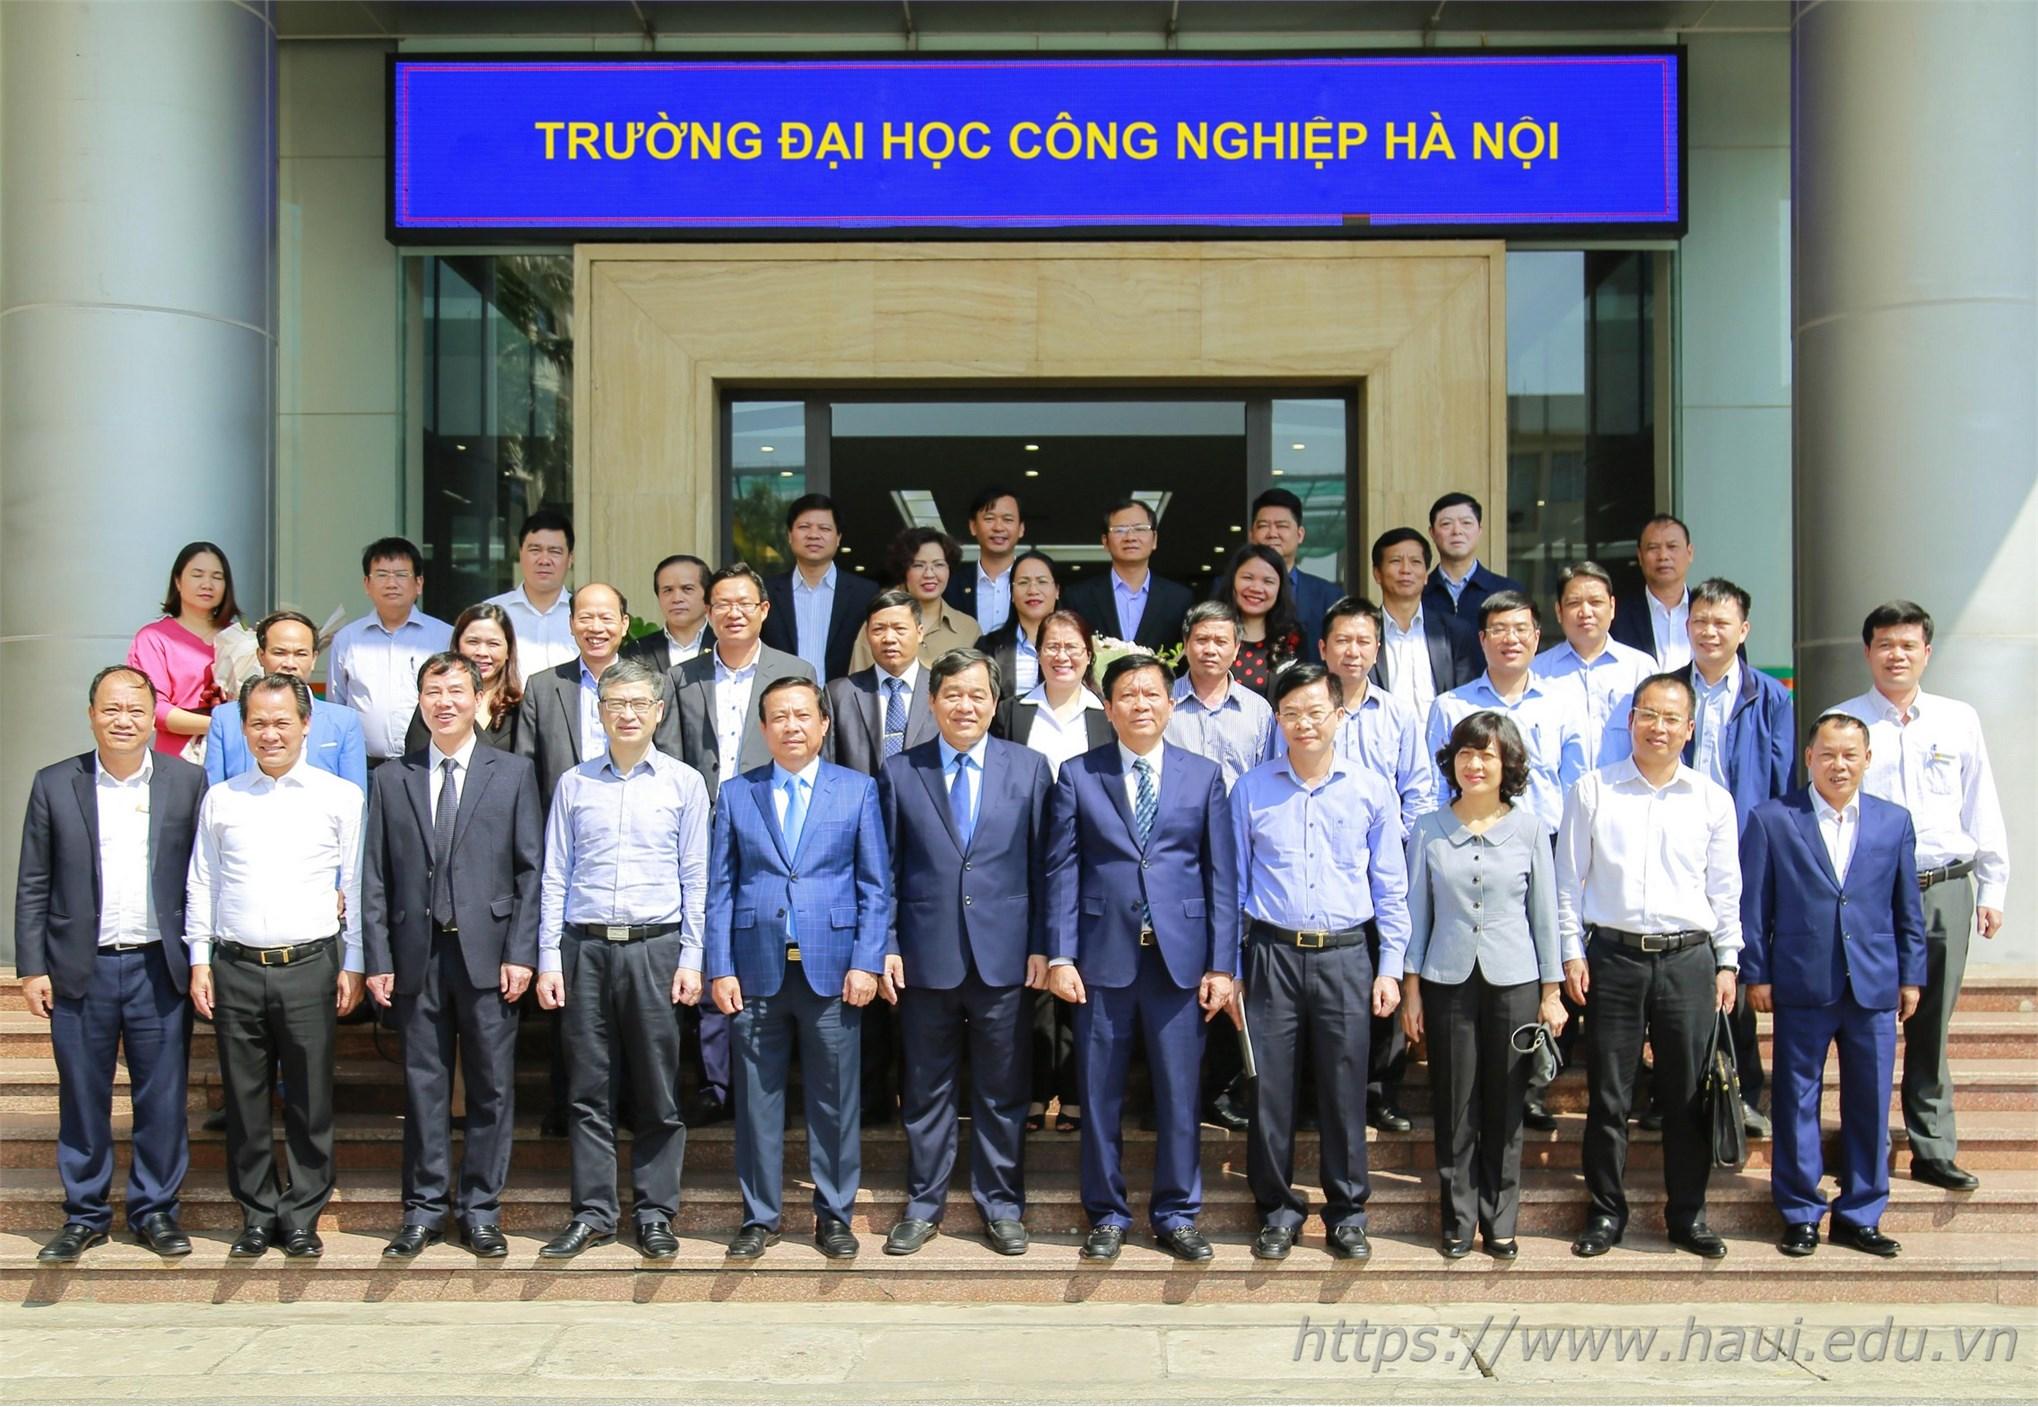 Lễ chuyển giao tổ chức cơ sở Đảng và Đảng viên từ Đảng ủy Khối Công nghiệp Hà Nội về Đảng ủy Khối các trường đại học, cao đẳng Hà Nội